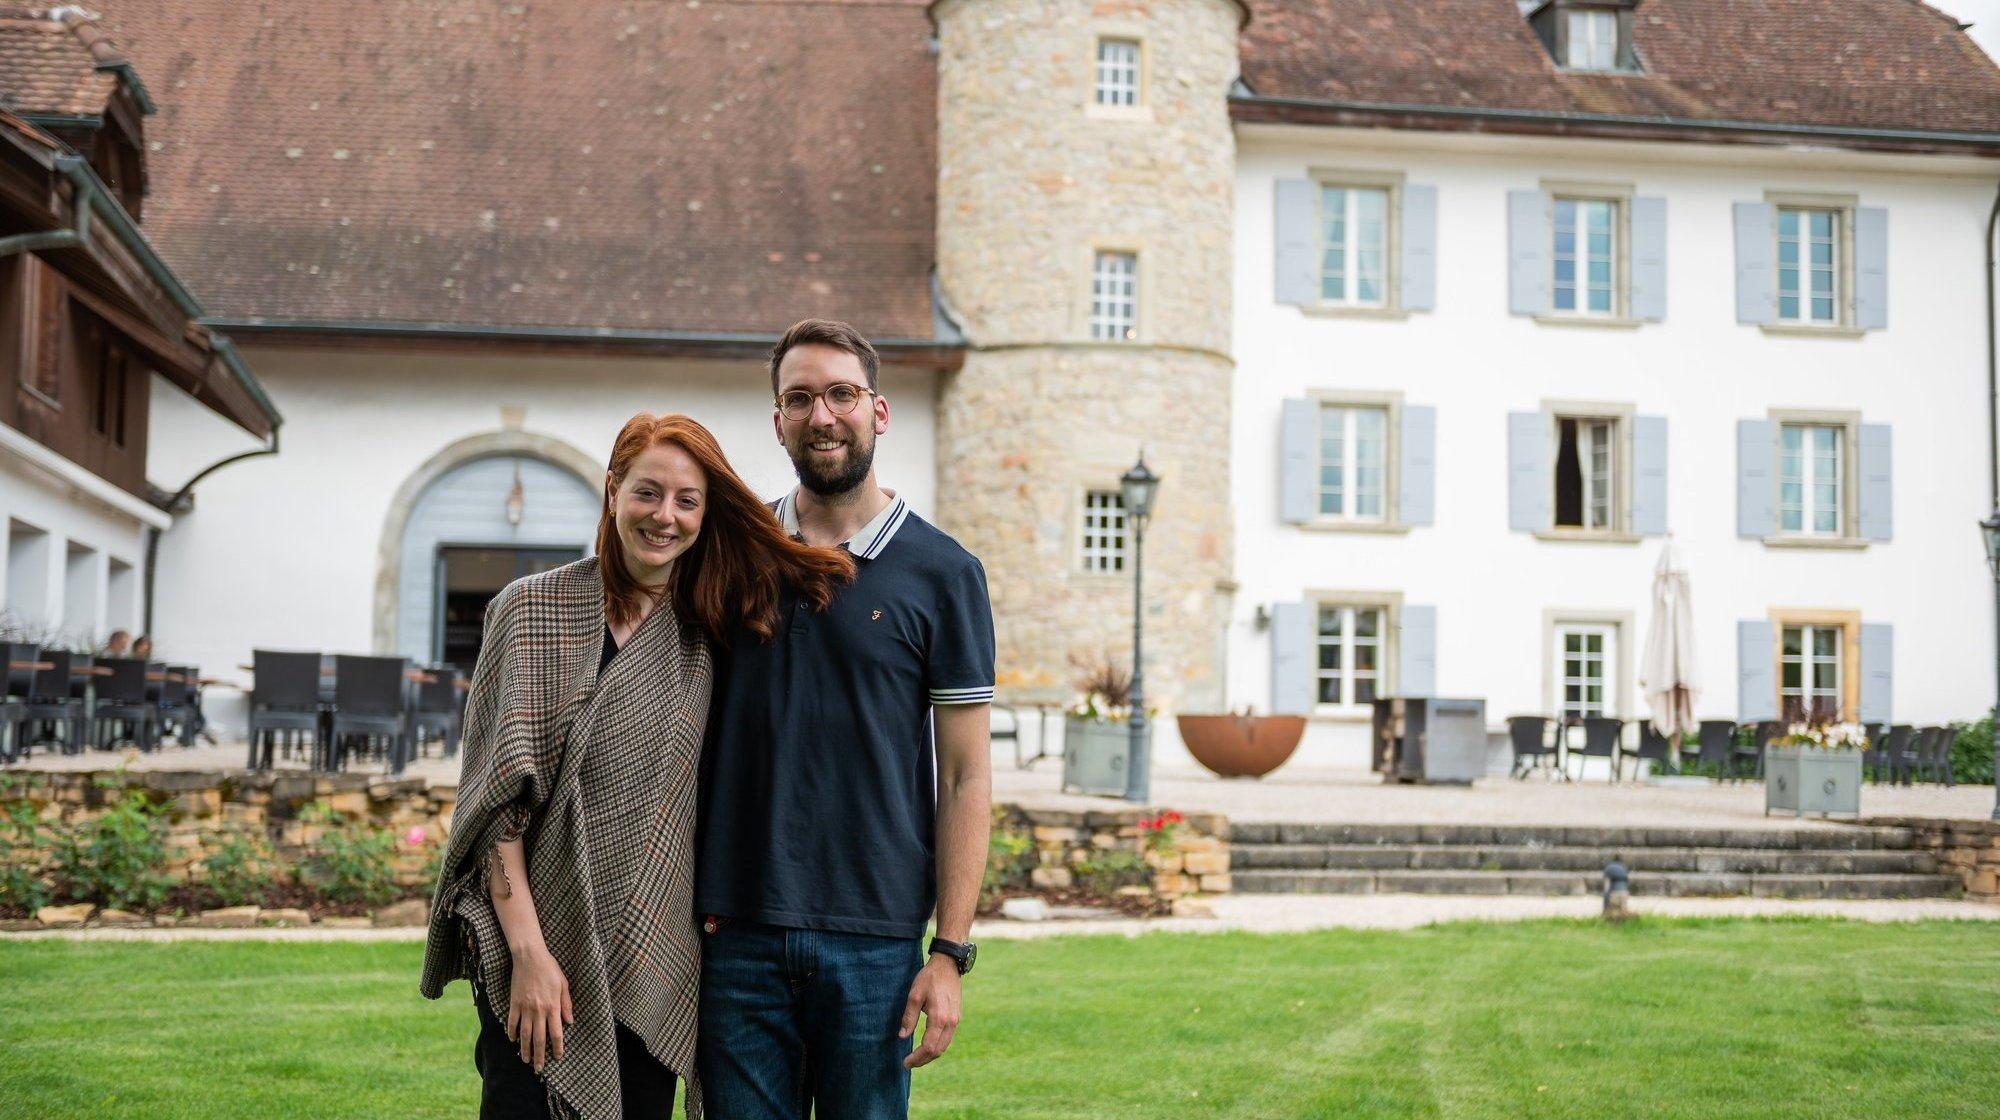 Le château de Salavaux, un «havre de paix» pour déconnecter